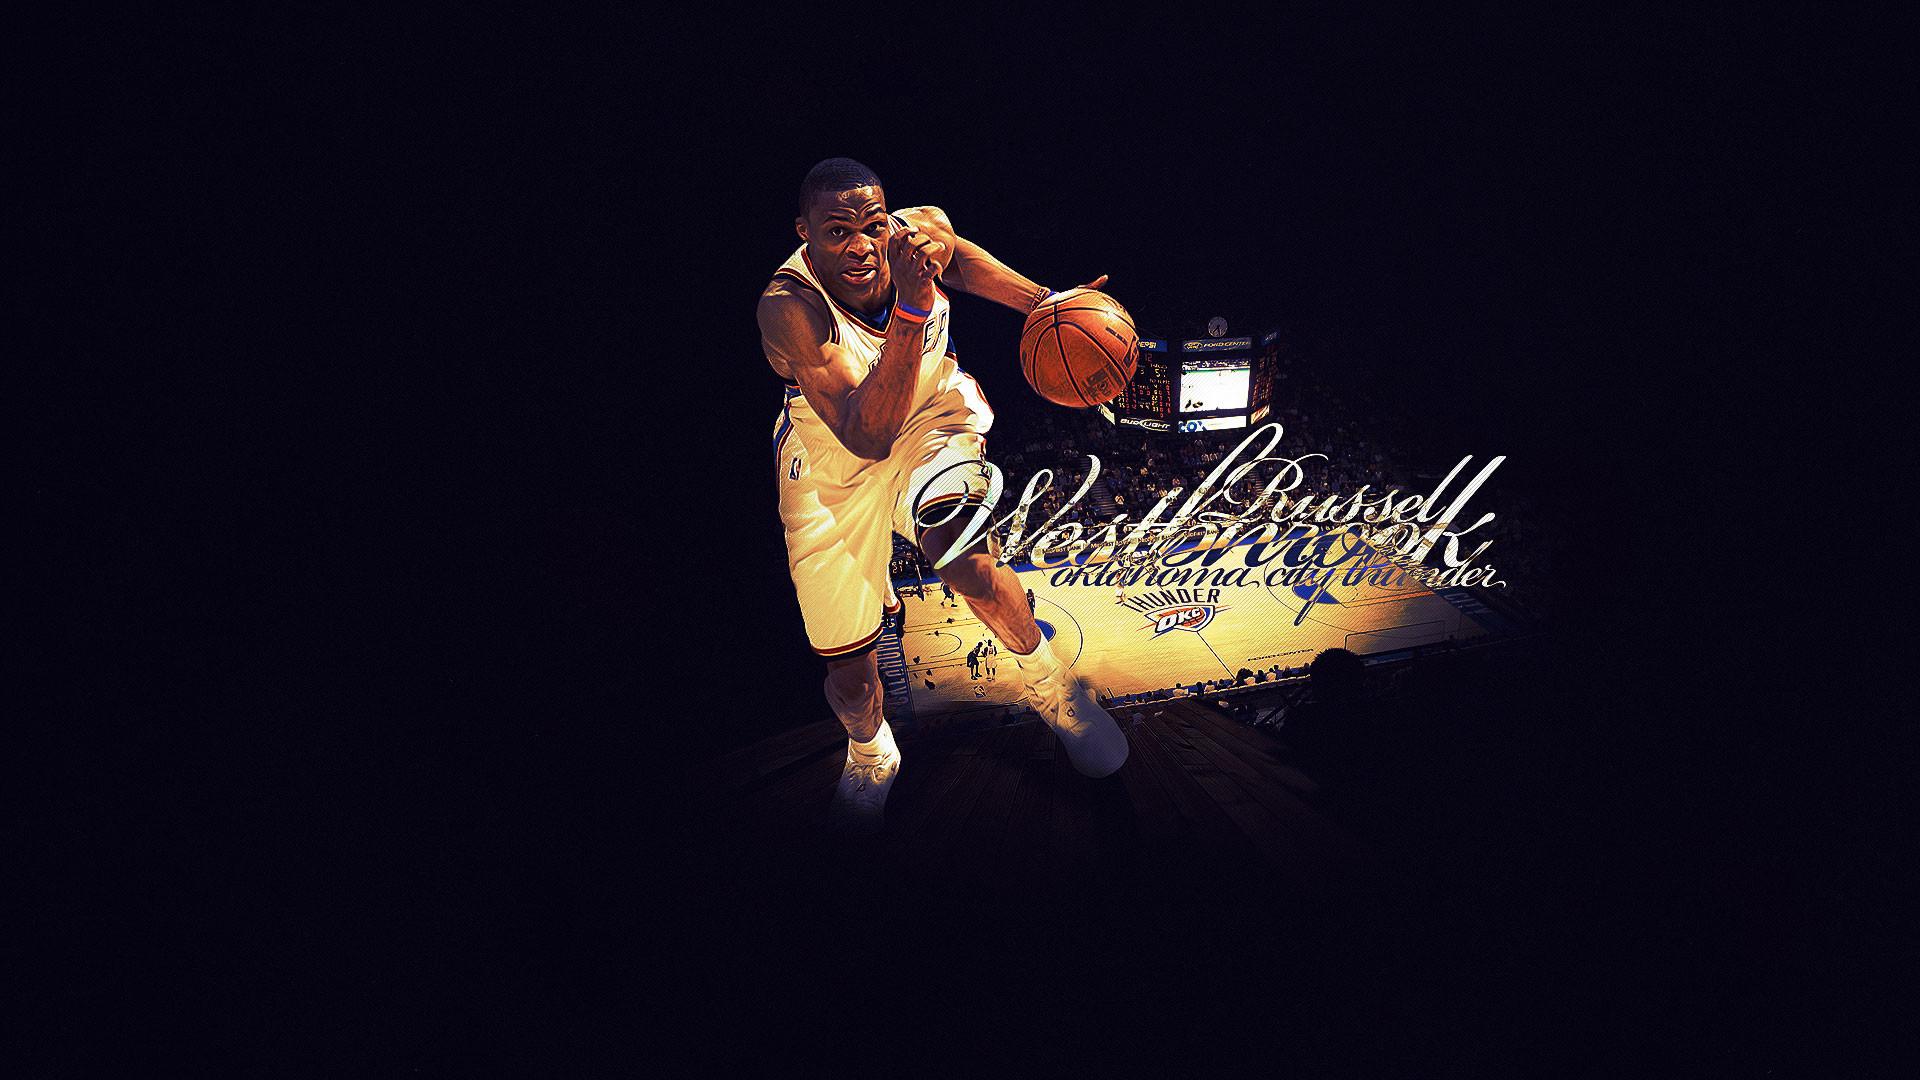 Russell Westbrook Thunder Widescreen Wallpaper | Basketball Wallpapers .